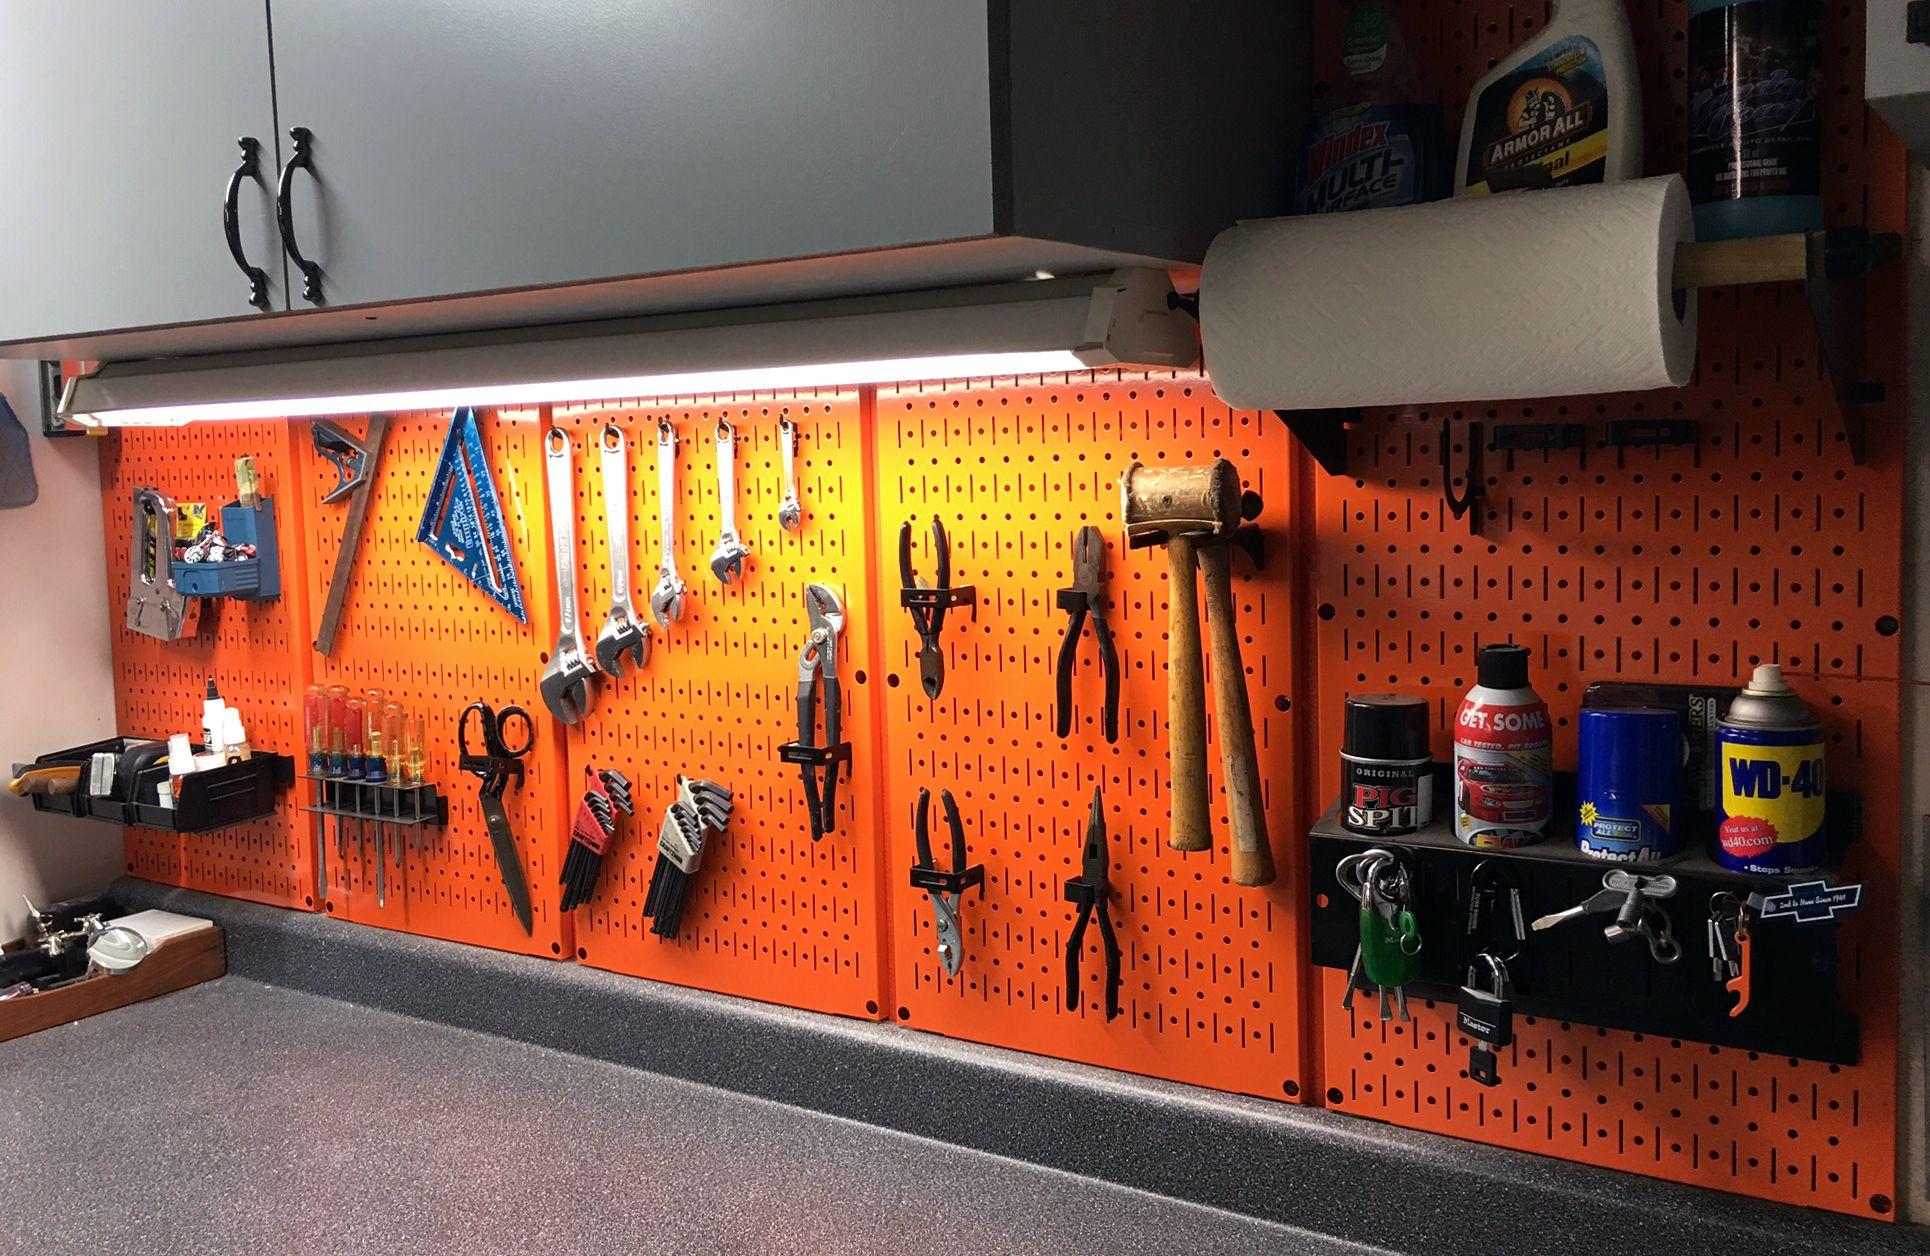 Wall Control Pegboard 16in x 32in Horizontal Orange Metal Pegboard Tool Board Panel